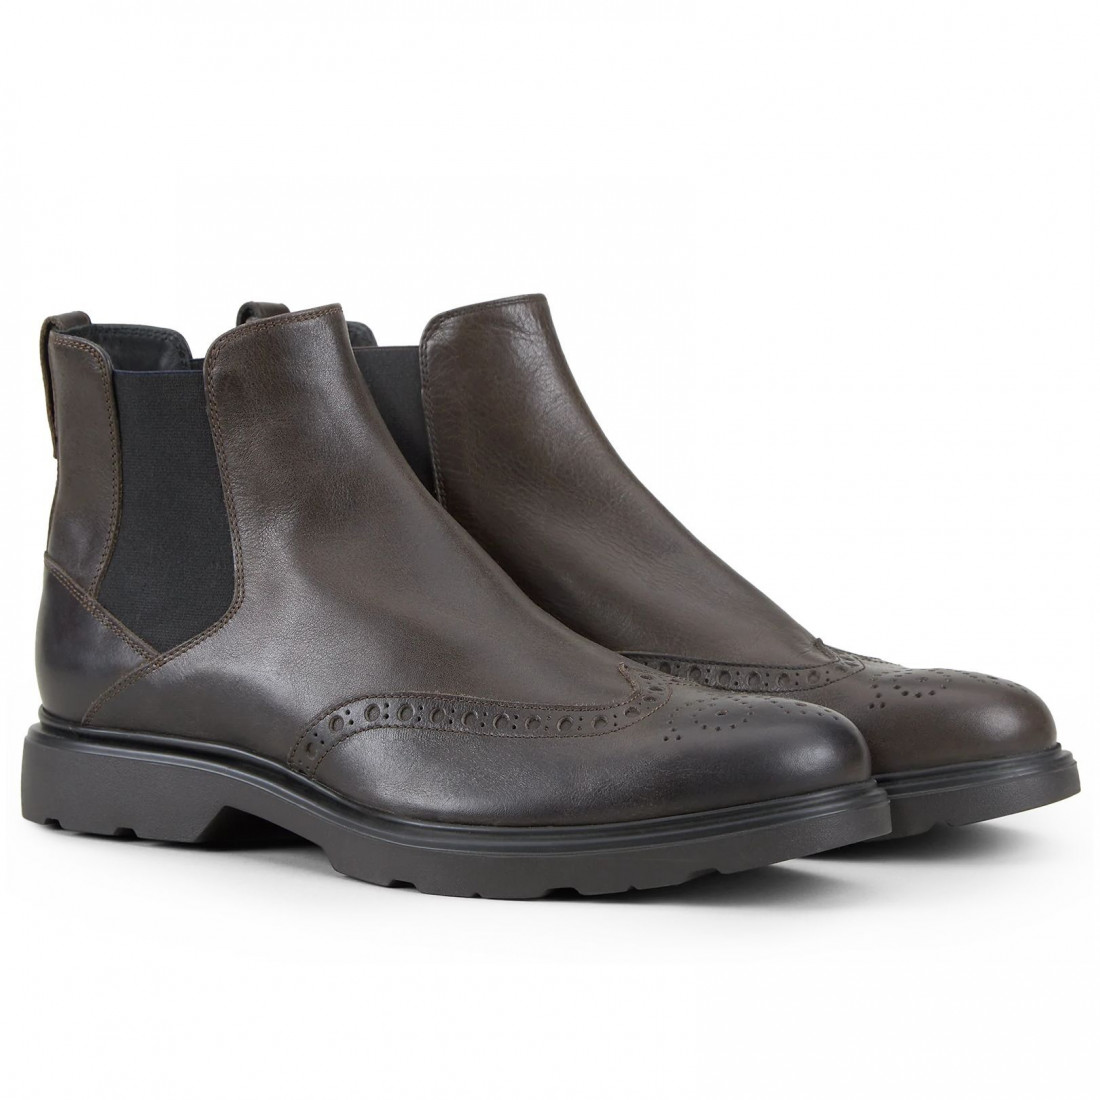 negozio del Regno Unito vende rivenditore di vendita Stivaletti Chelsea Boot uomo Hogan Route marrone scuro